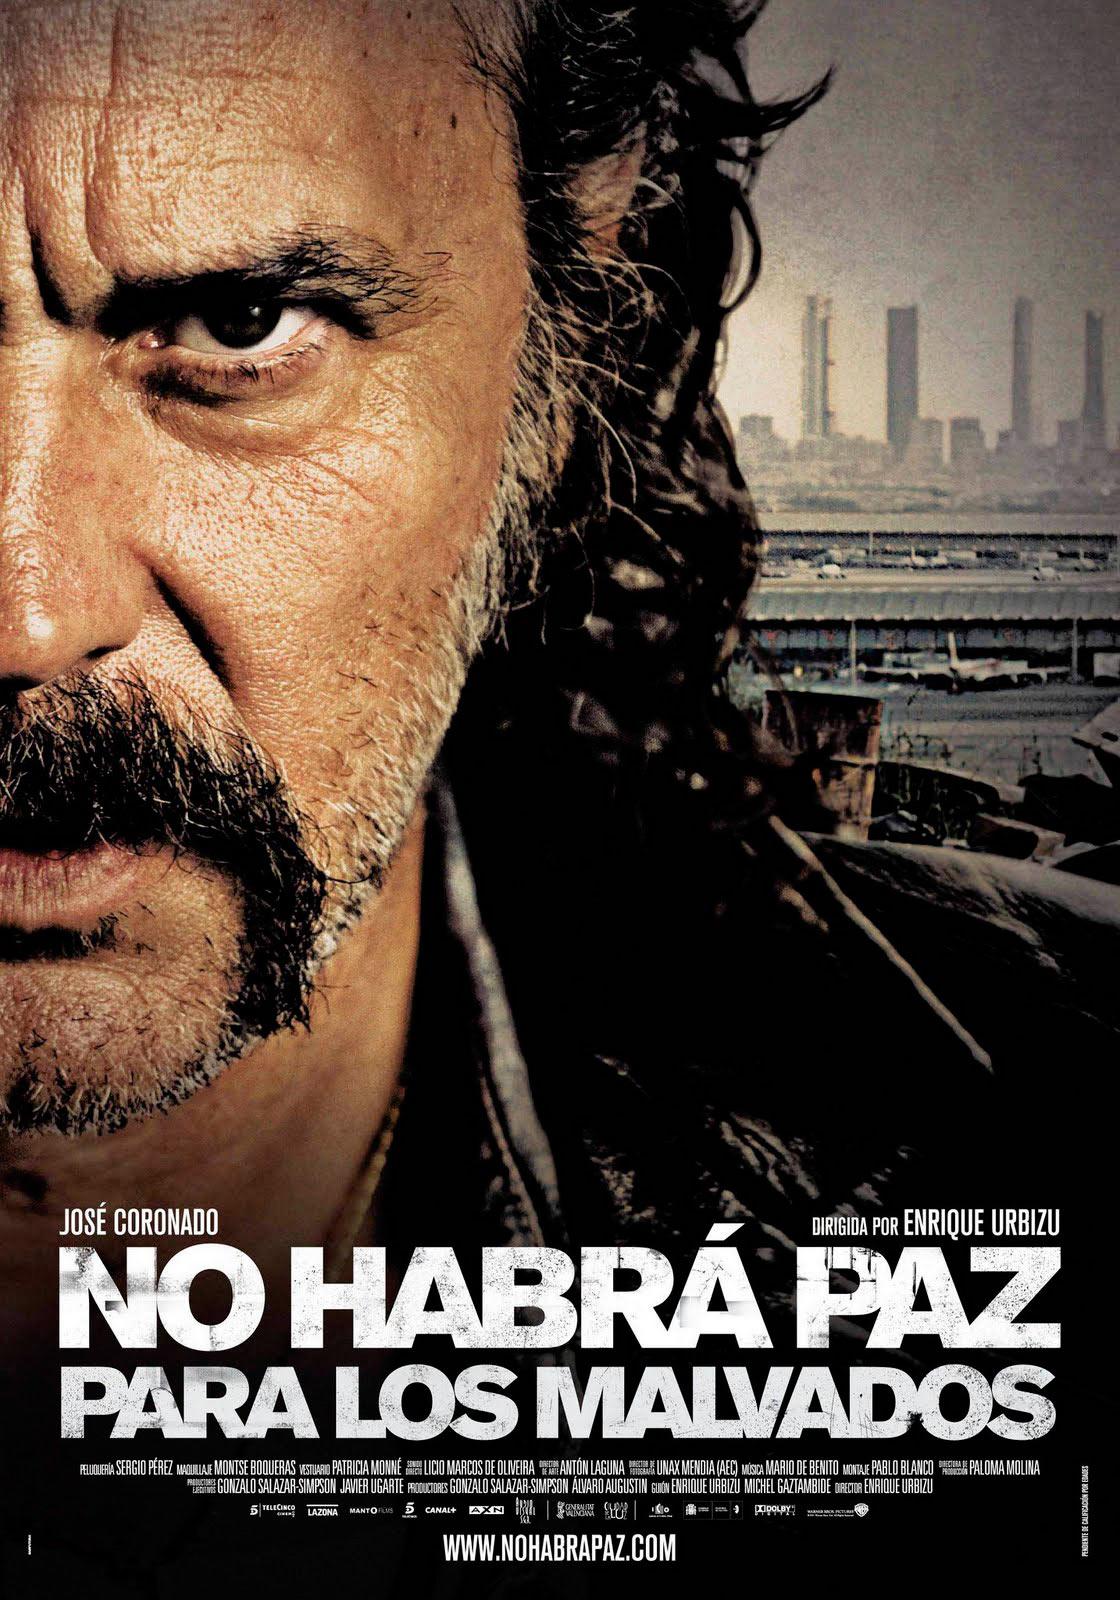 No habrá paz para los malvados, de Enrique Urbizu